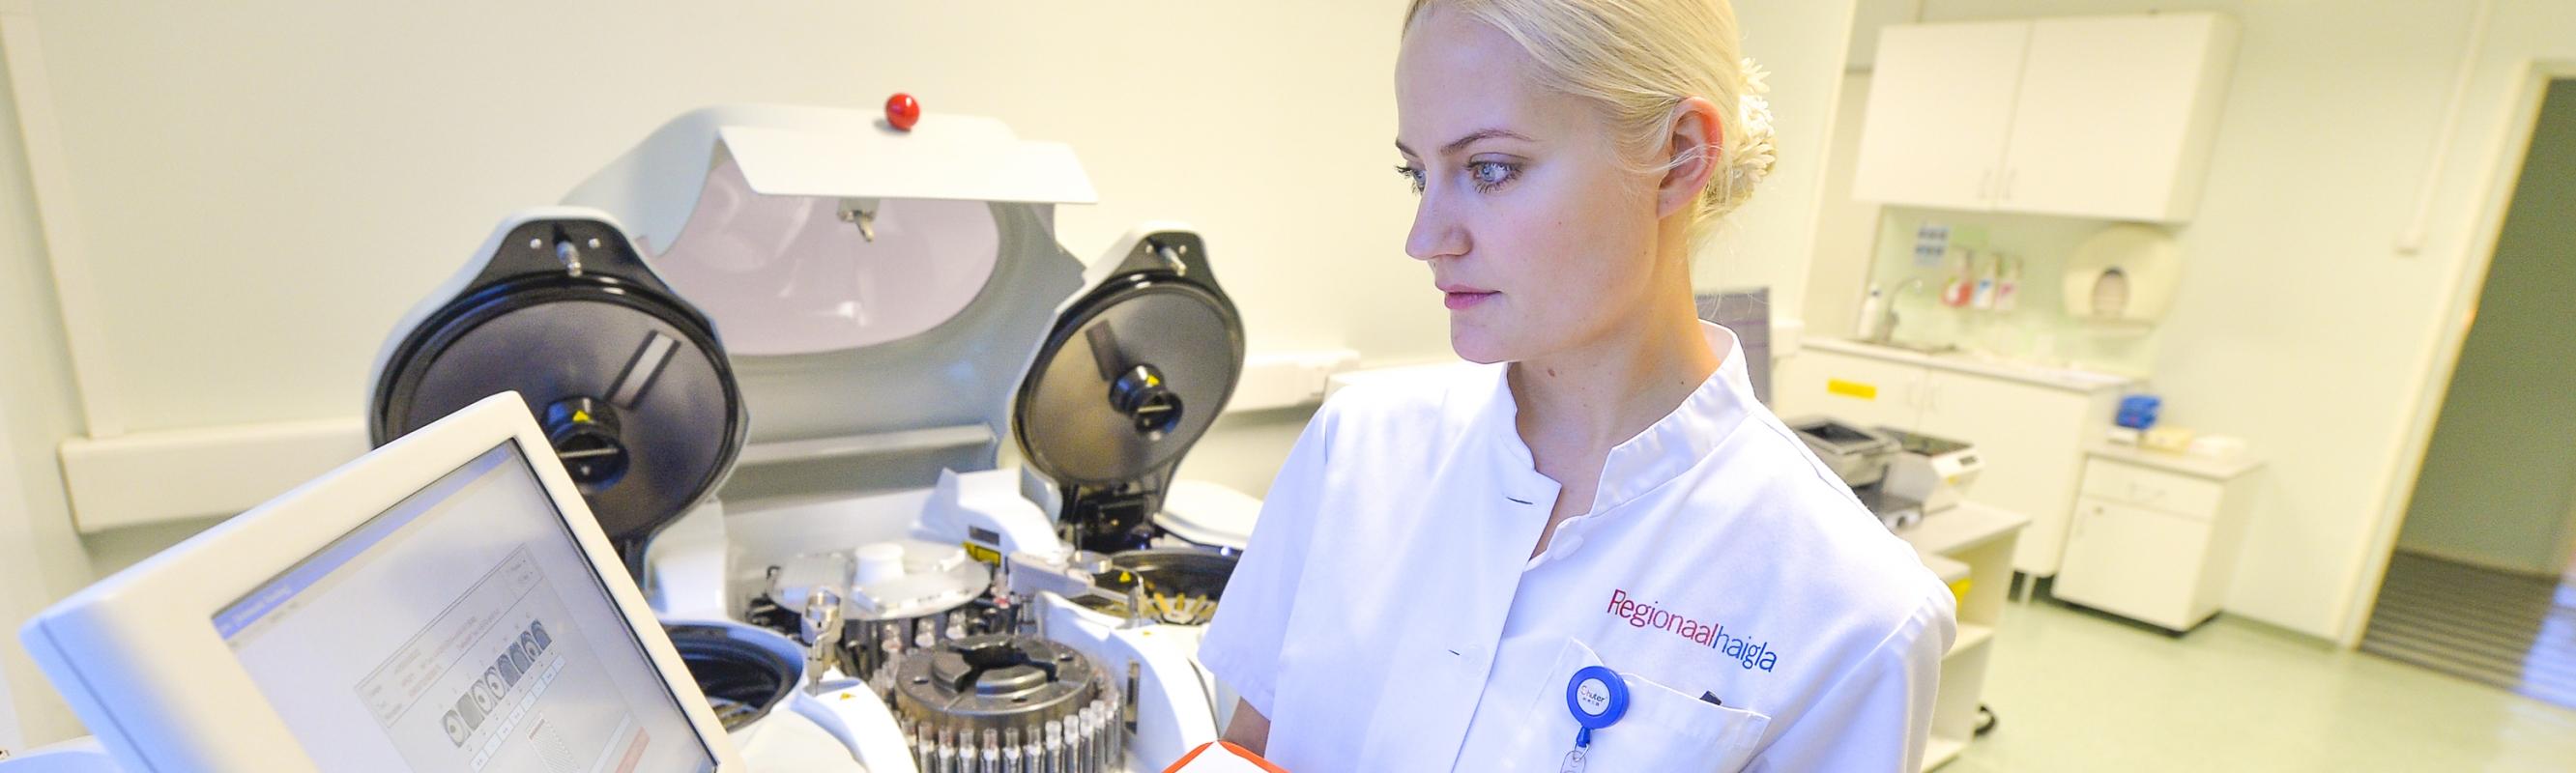 Laborispetsialist Liina Teder määrab doonori veregruppi